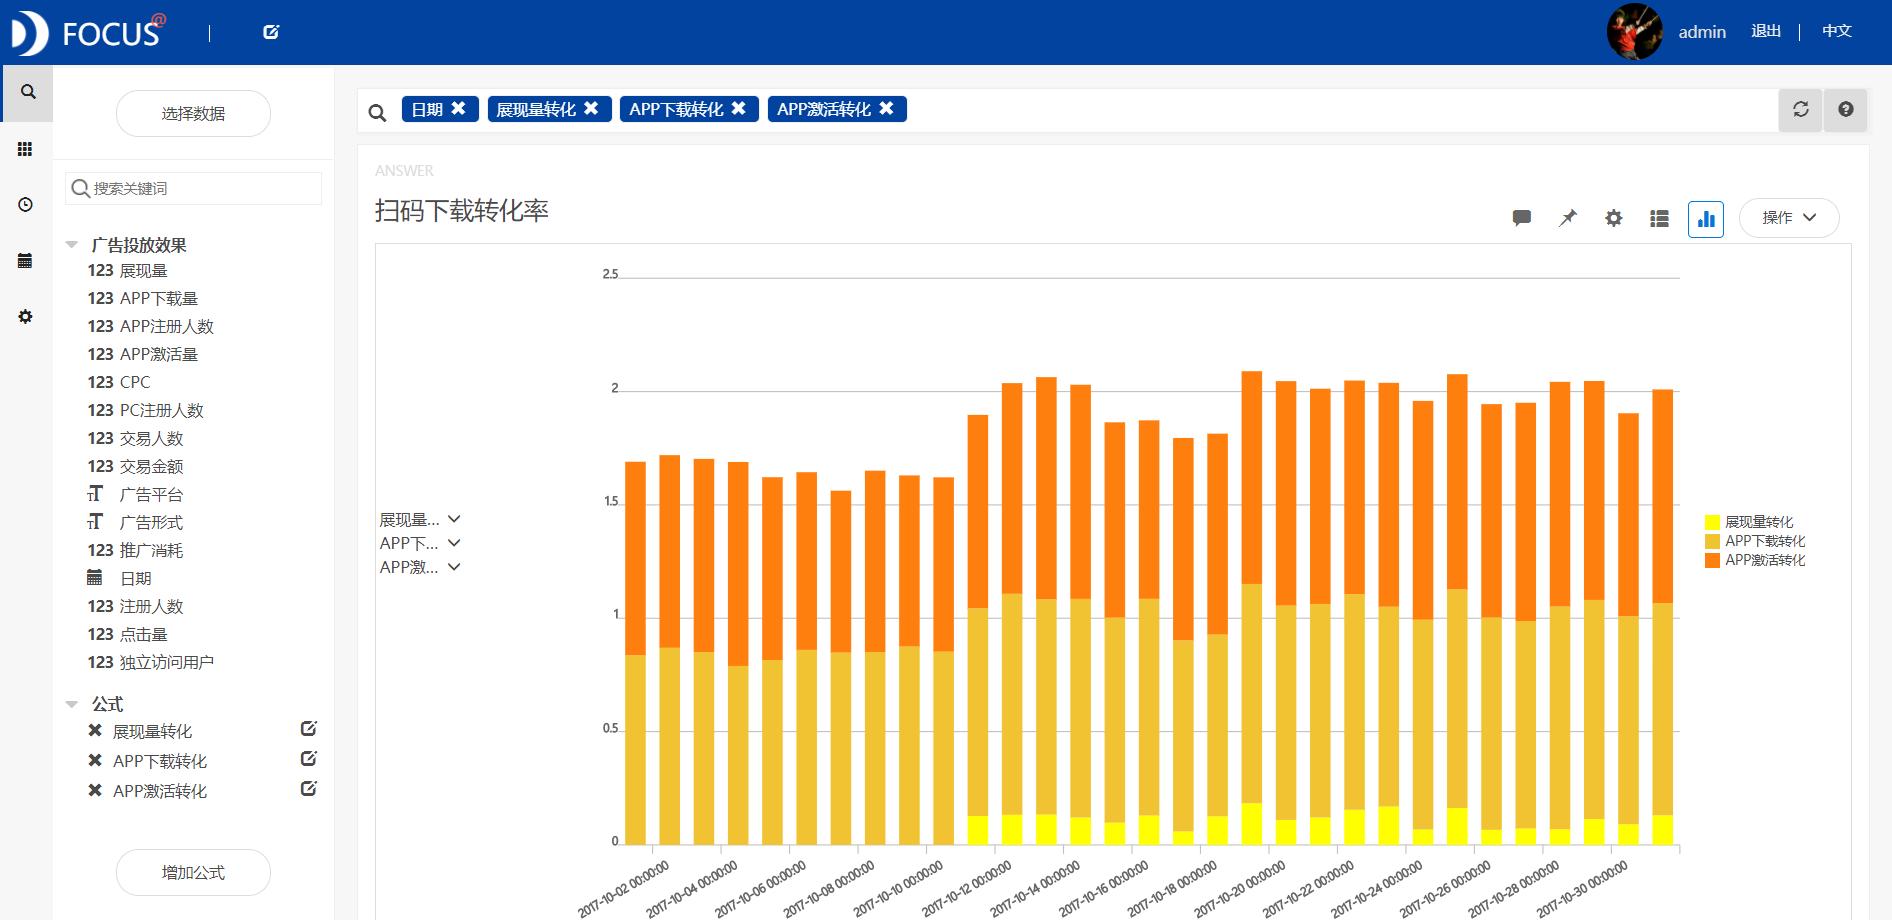 App 数据分析的常用指标有哪些?